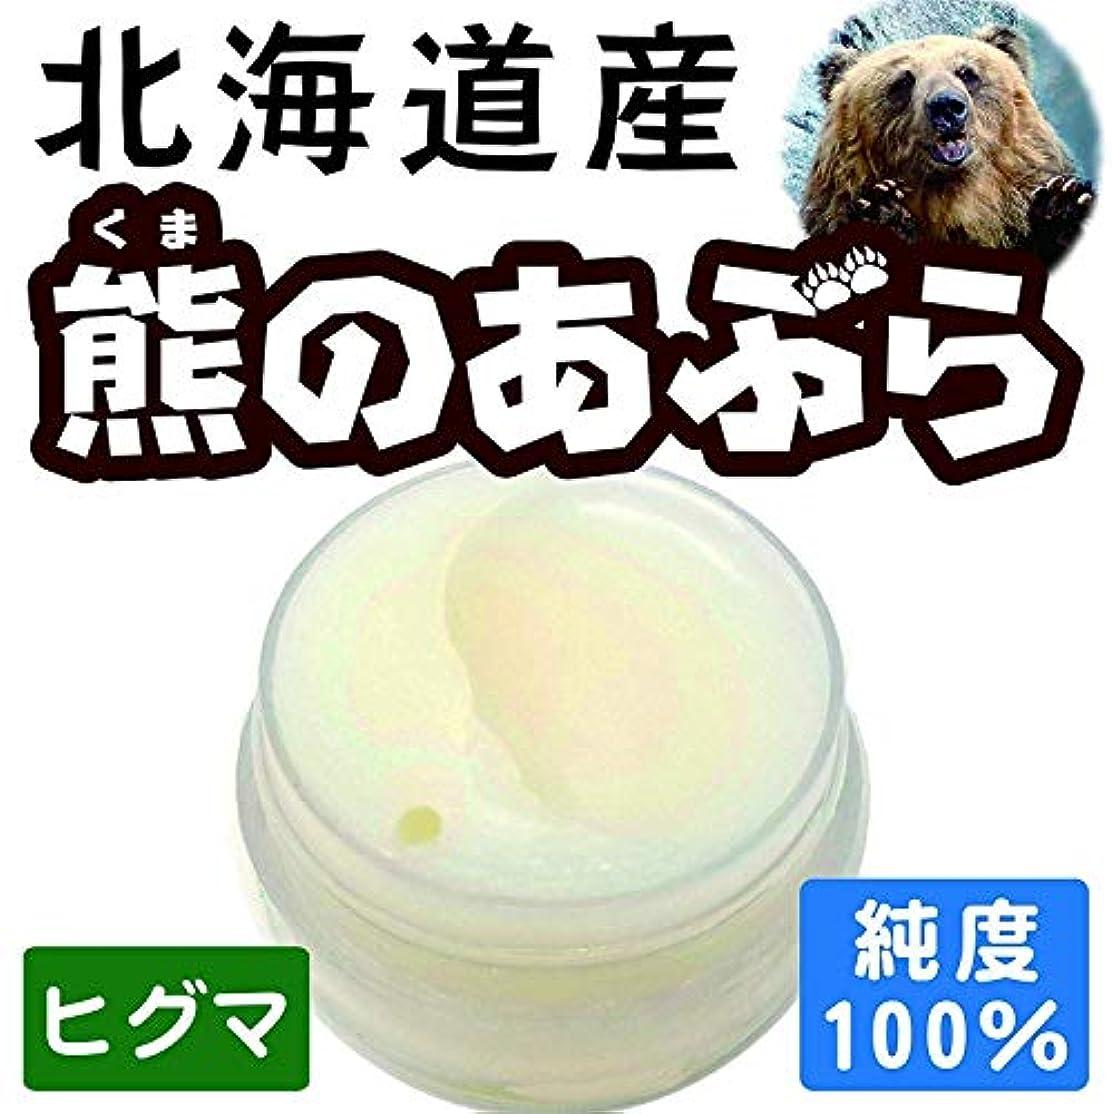 喉が渇いたやさしく半島熊のあぶら 熊の脂 熊油 熊の油 15g 【北海道産】【ヒグマ】【天然成分100%】